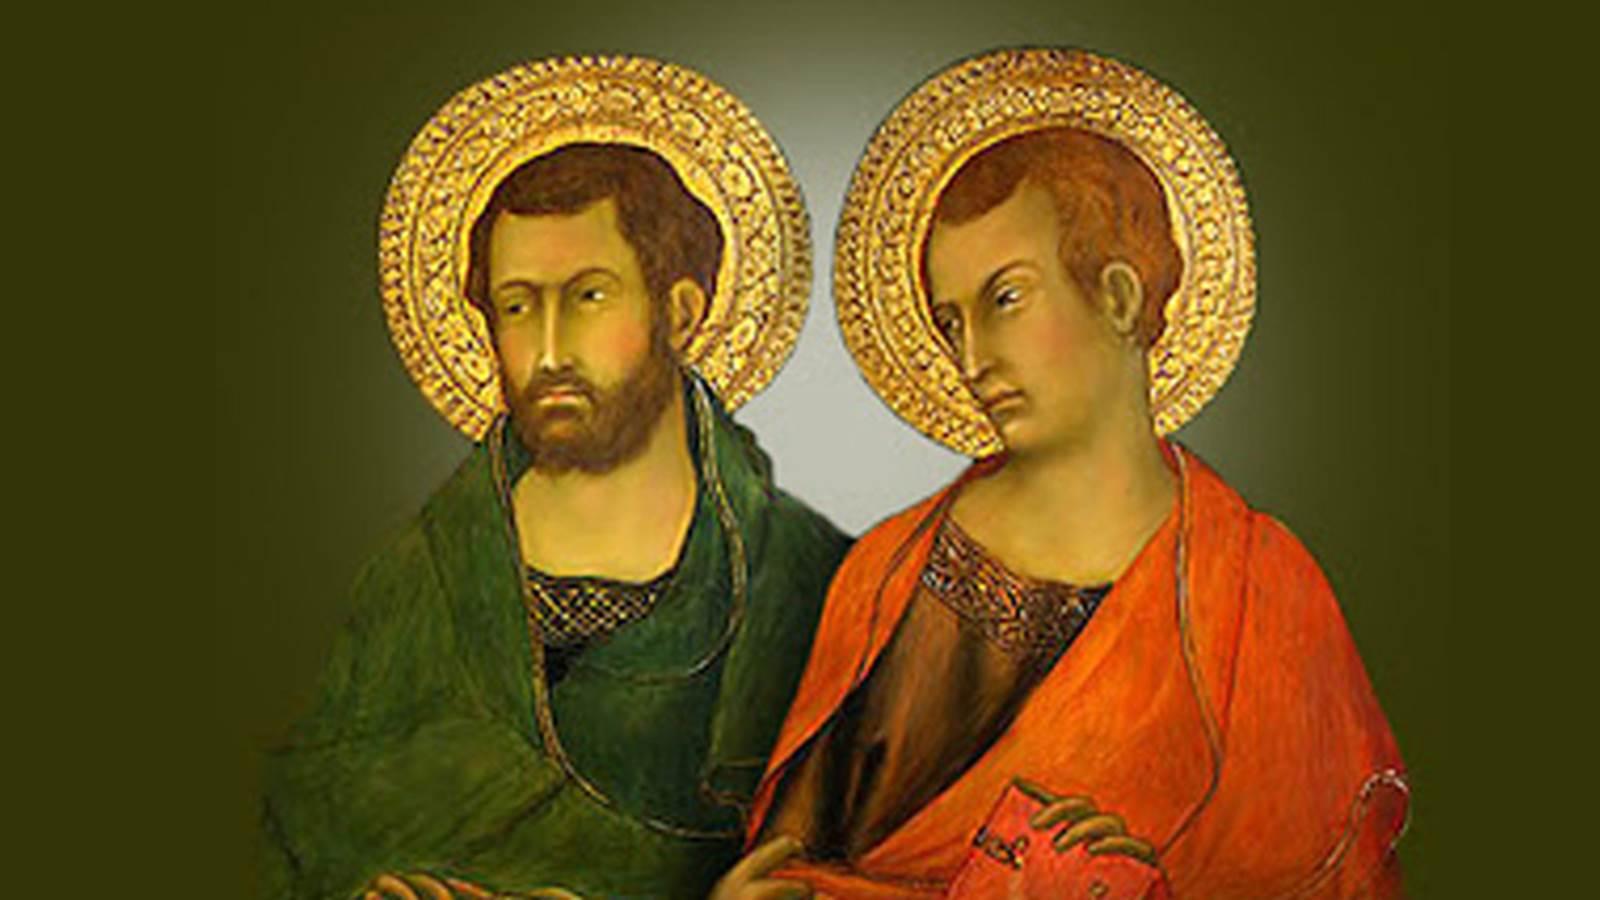 Gọi và chọn (28.10.2019 – Thứ Hai - (Thánh Simon và thánh Giuđa, tông đồ)